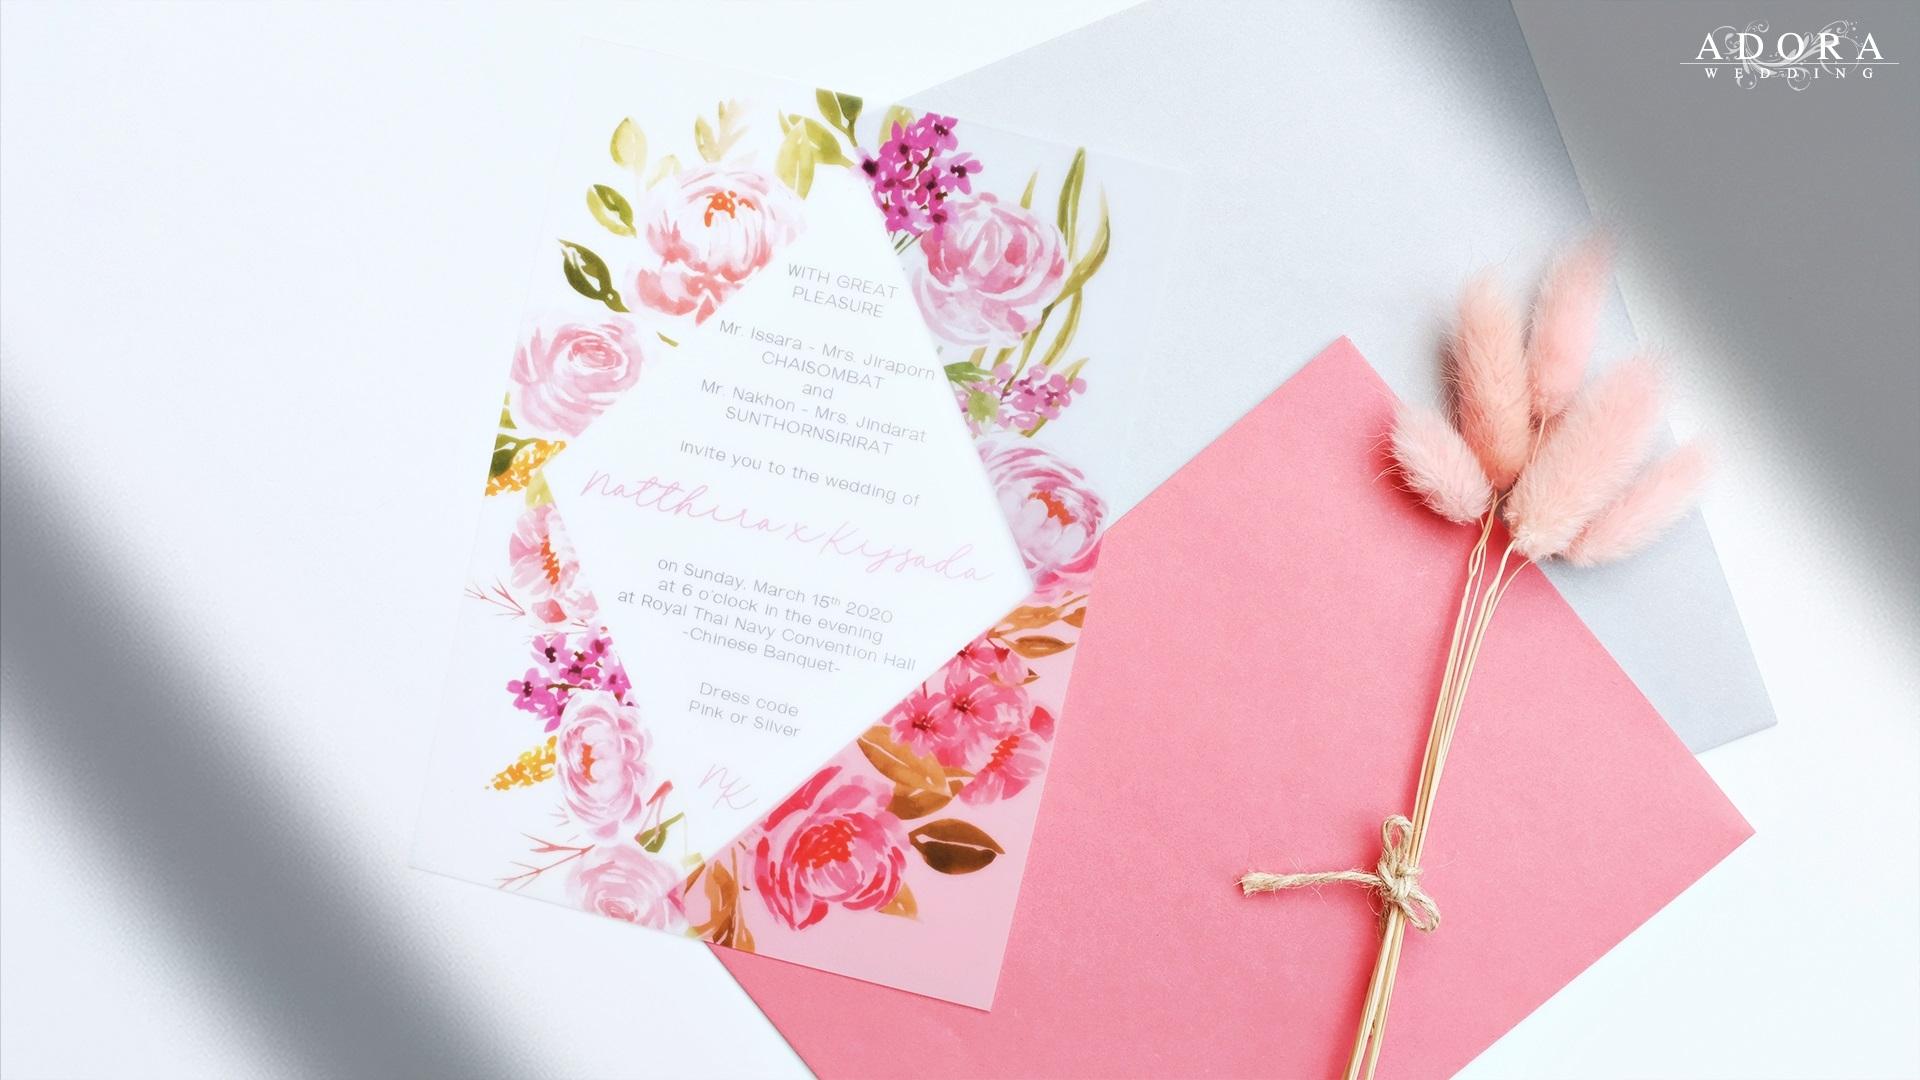 B122LM-wedding-card-1